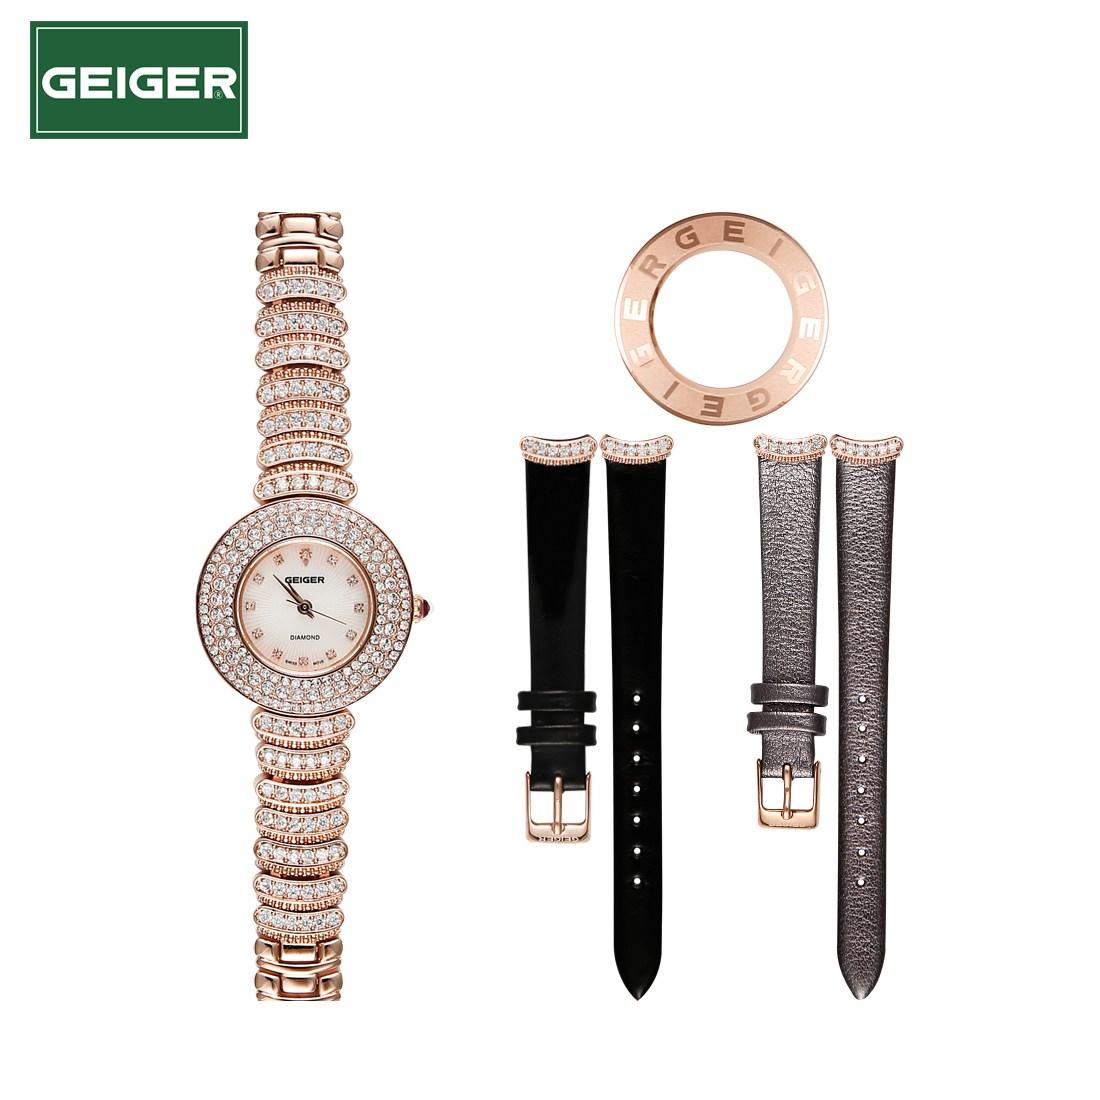 가이거[GEIGER] [본사 정품] 가이거 노블레스 다이아몬드 스페셜 여성용 시계 (로즈)